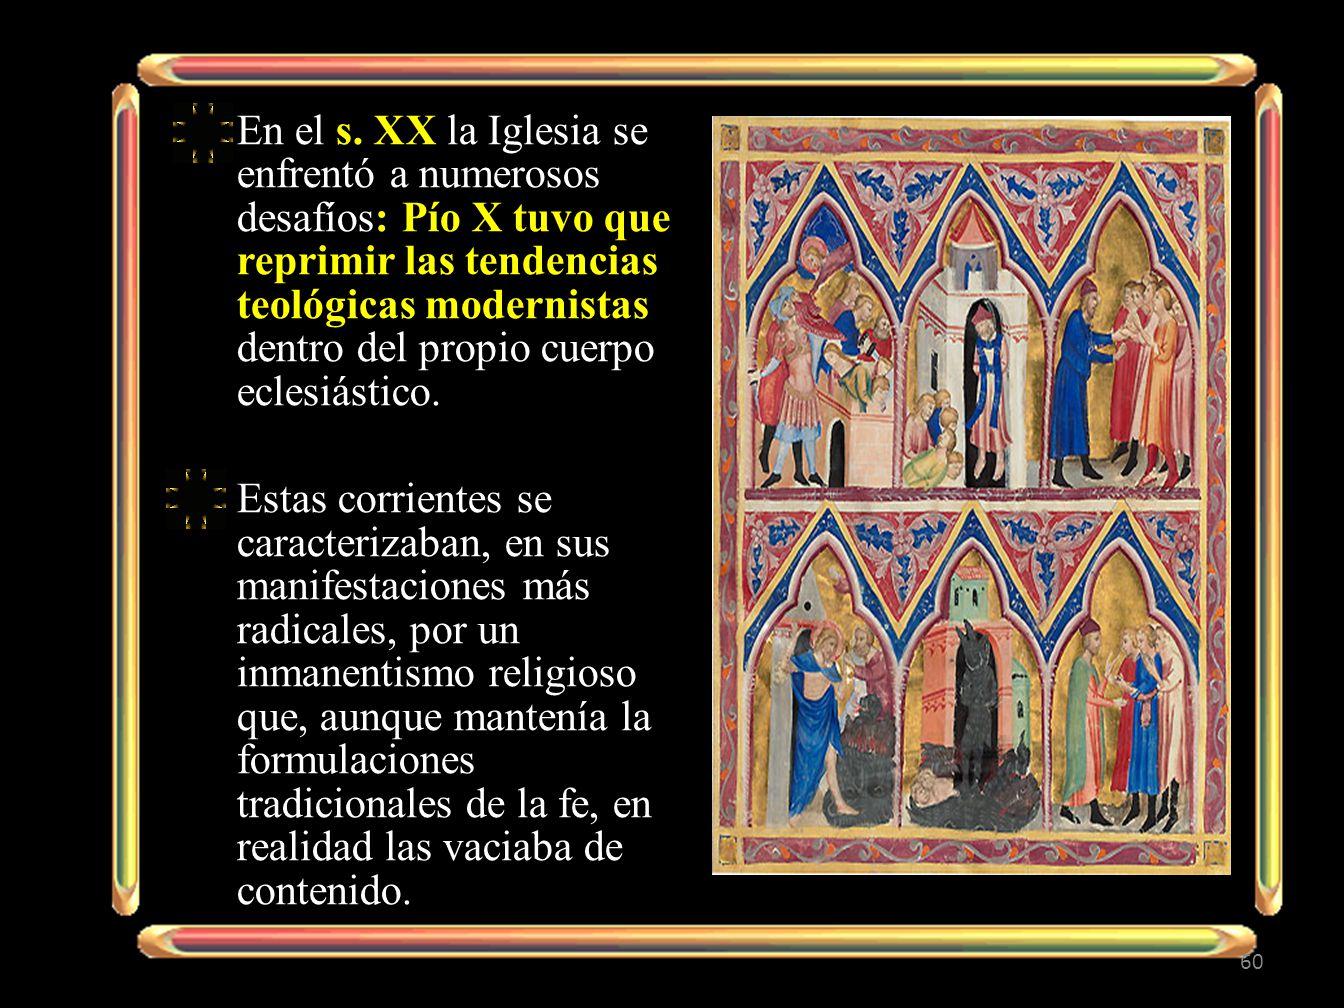 En el s. XX la Iglesia se enfrentó a numerosos desafíos: Pío X tuvo que reprimir las tendencias teológicas modernistas dentro del propio cuerpo eclesiástico.